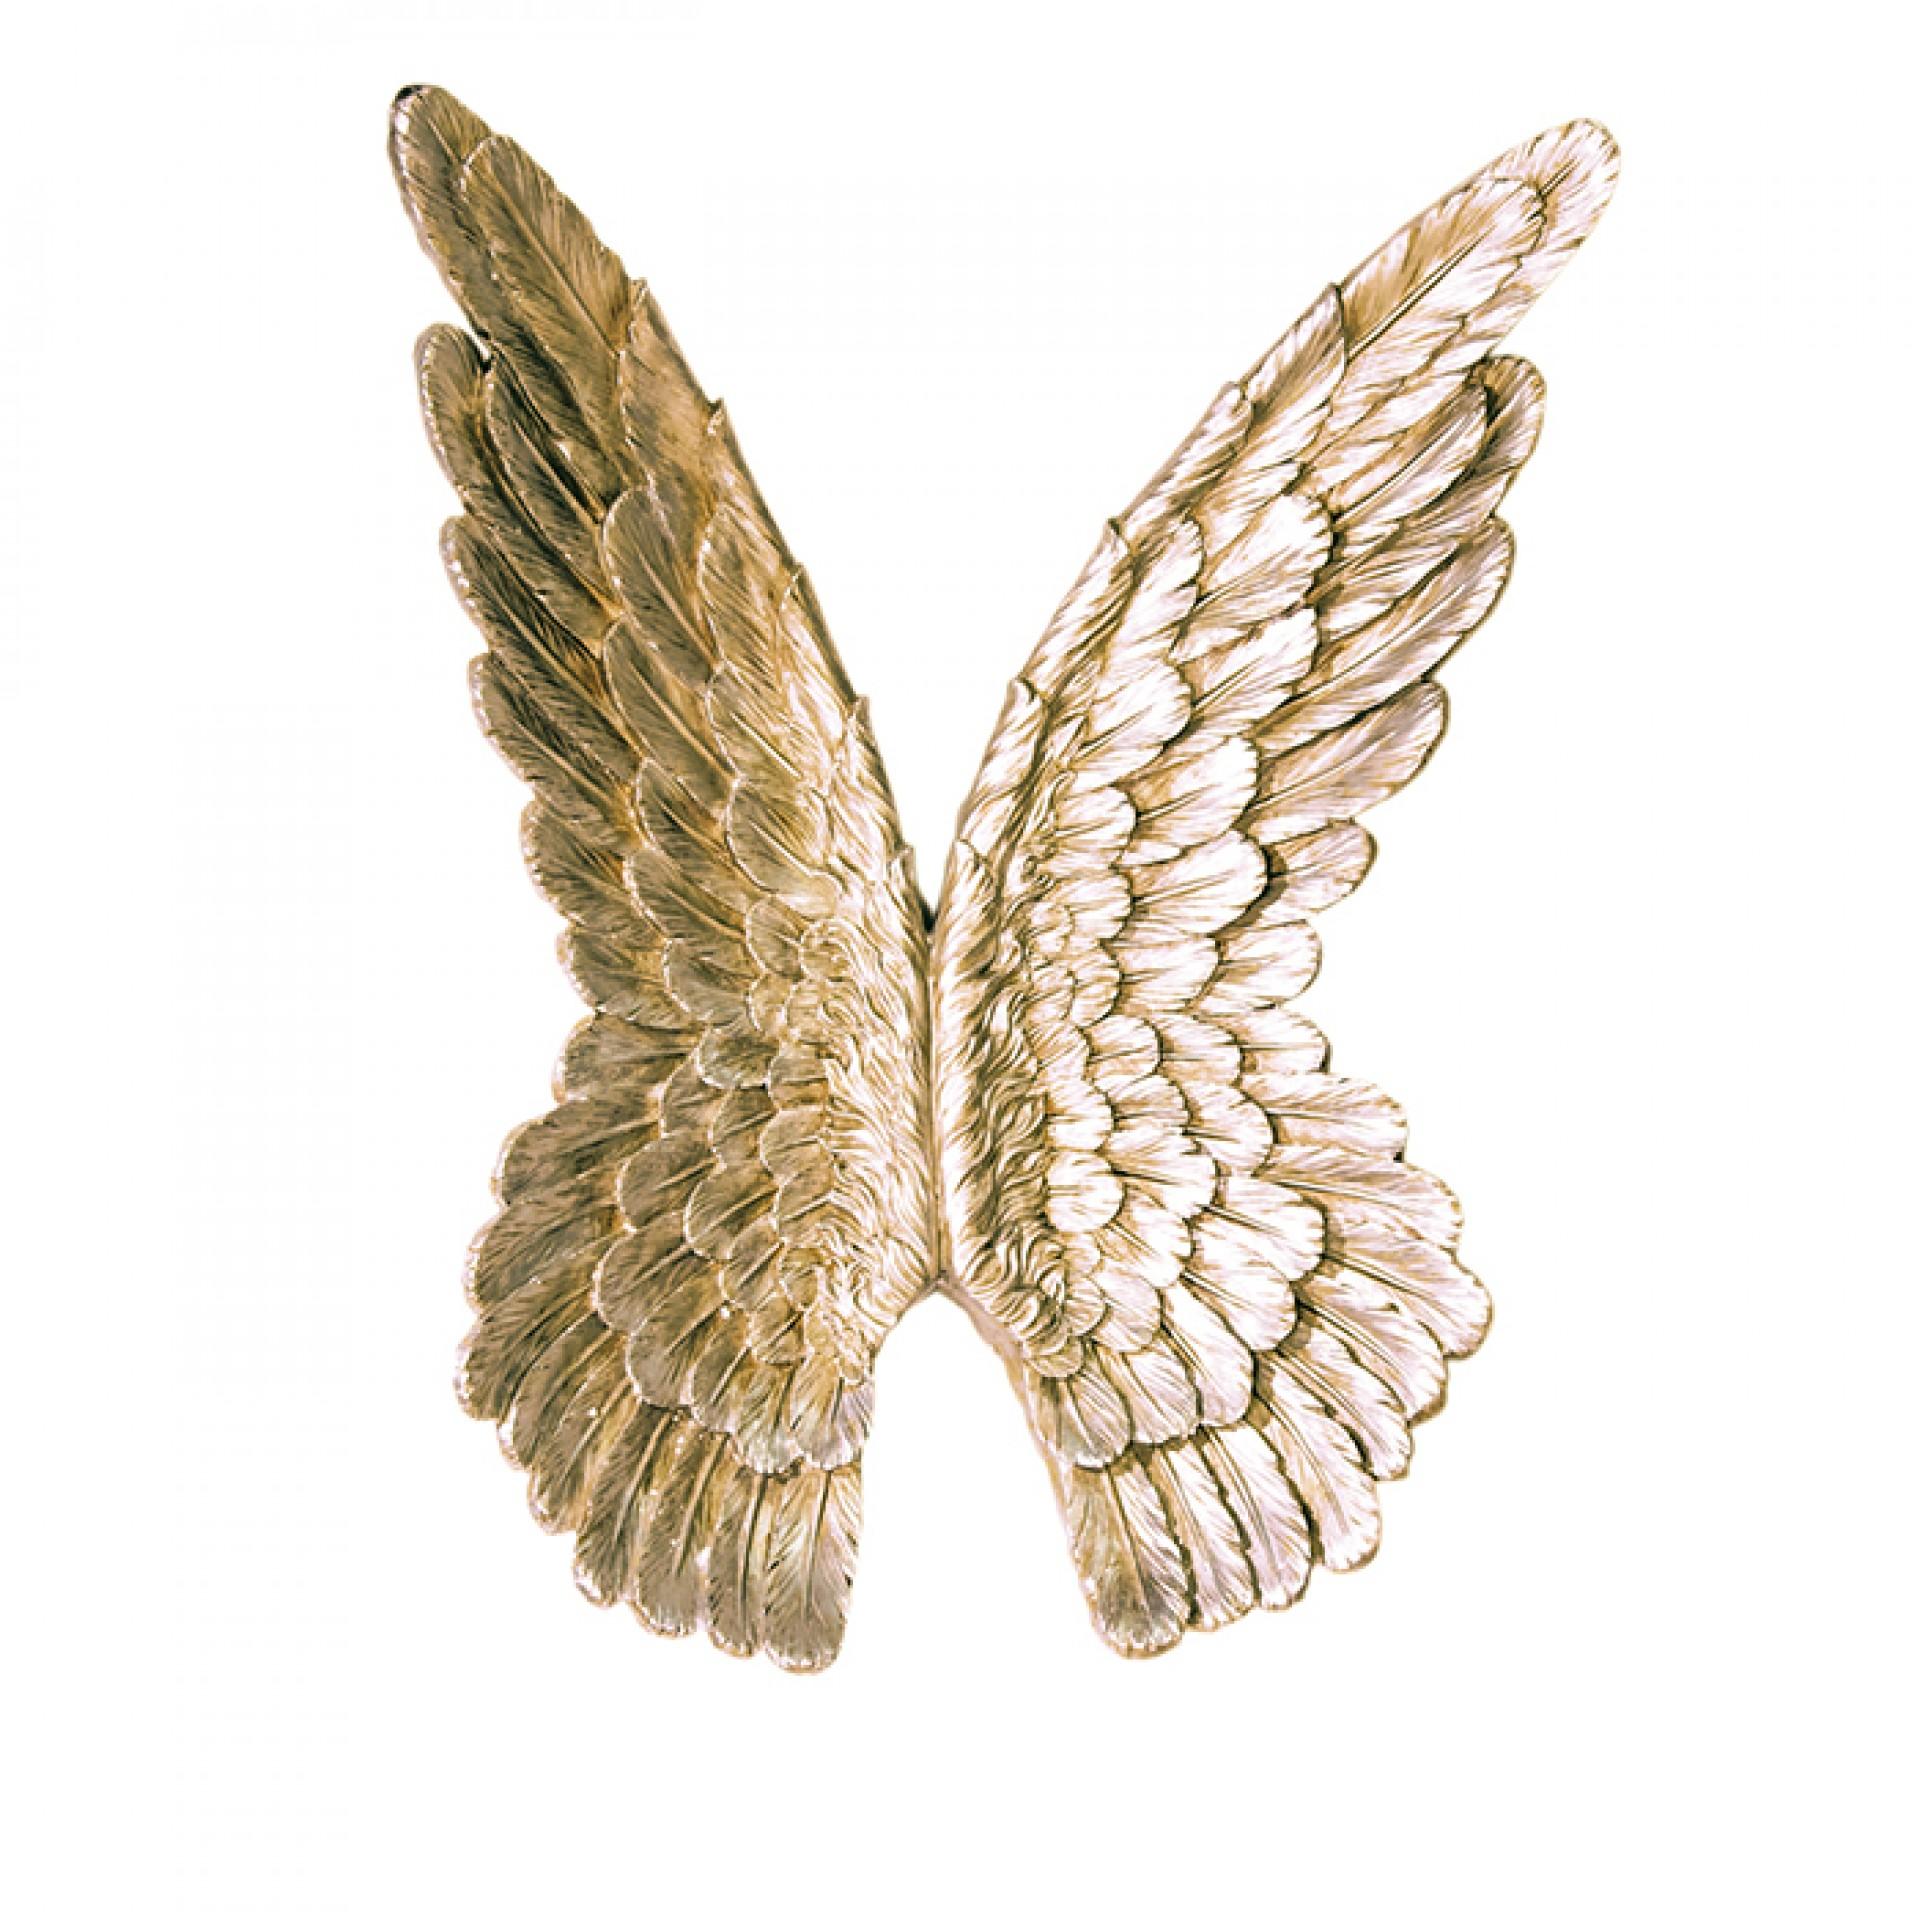 Nástěnná dekorace Křídla, 94 cm, zlatá